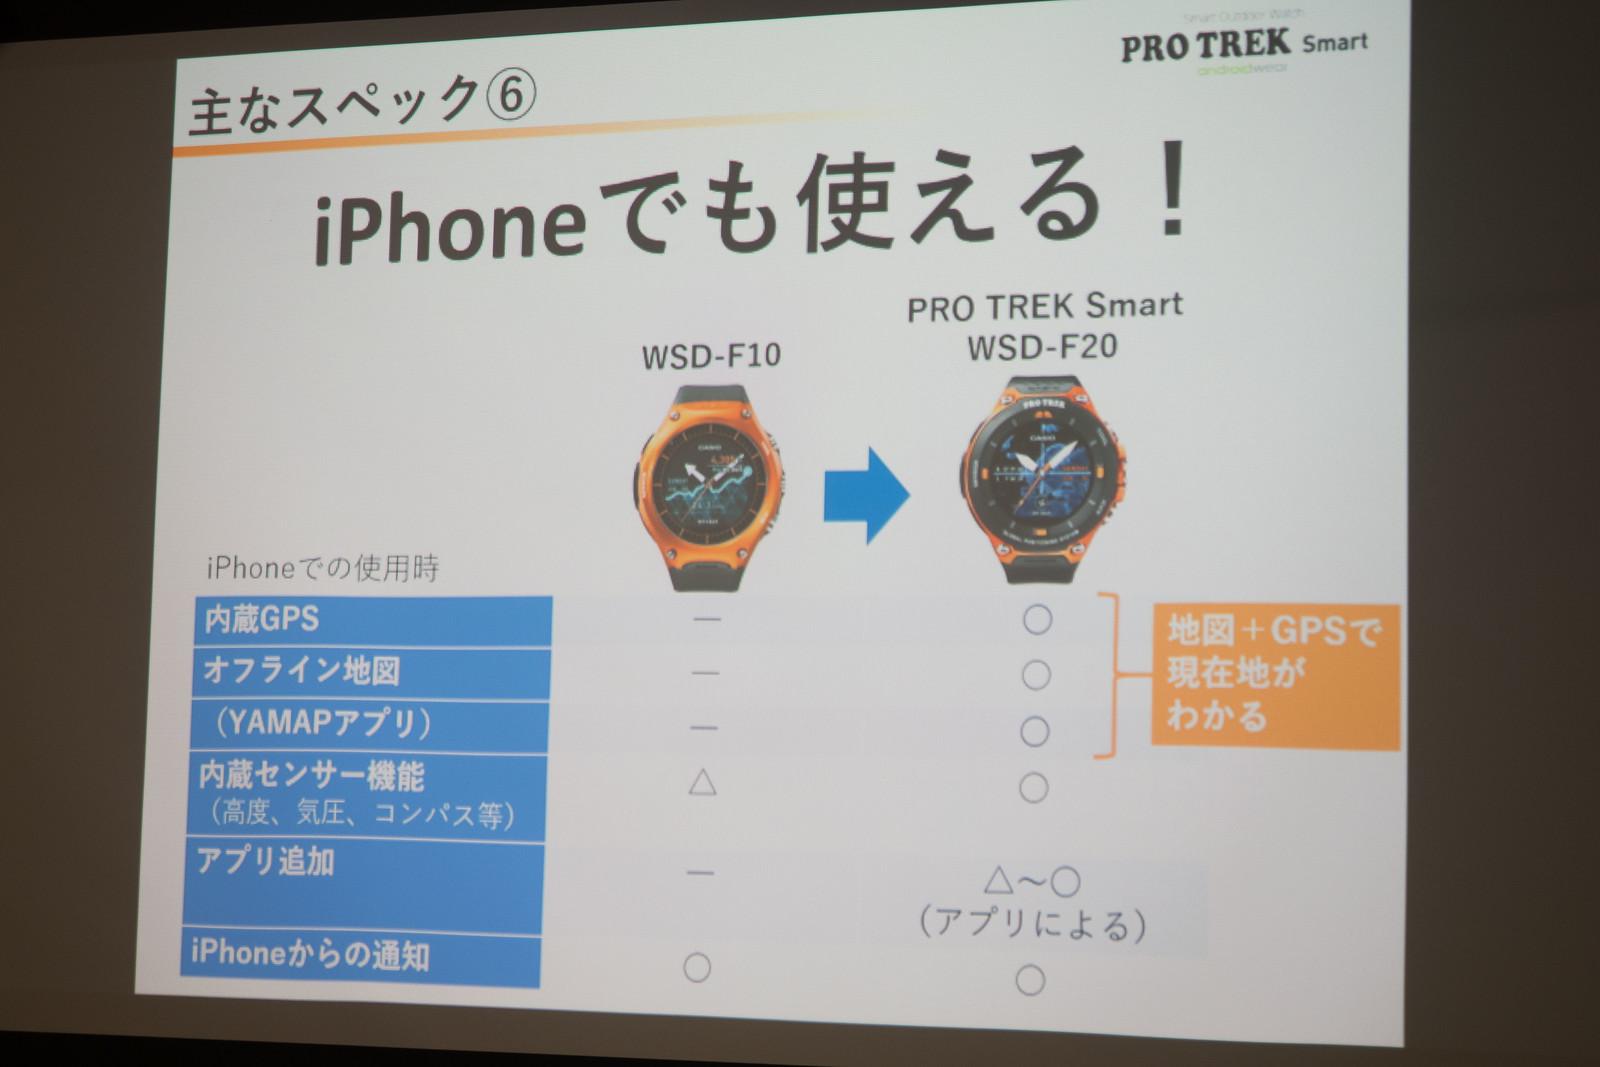 PRO_TREK_Smart-28